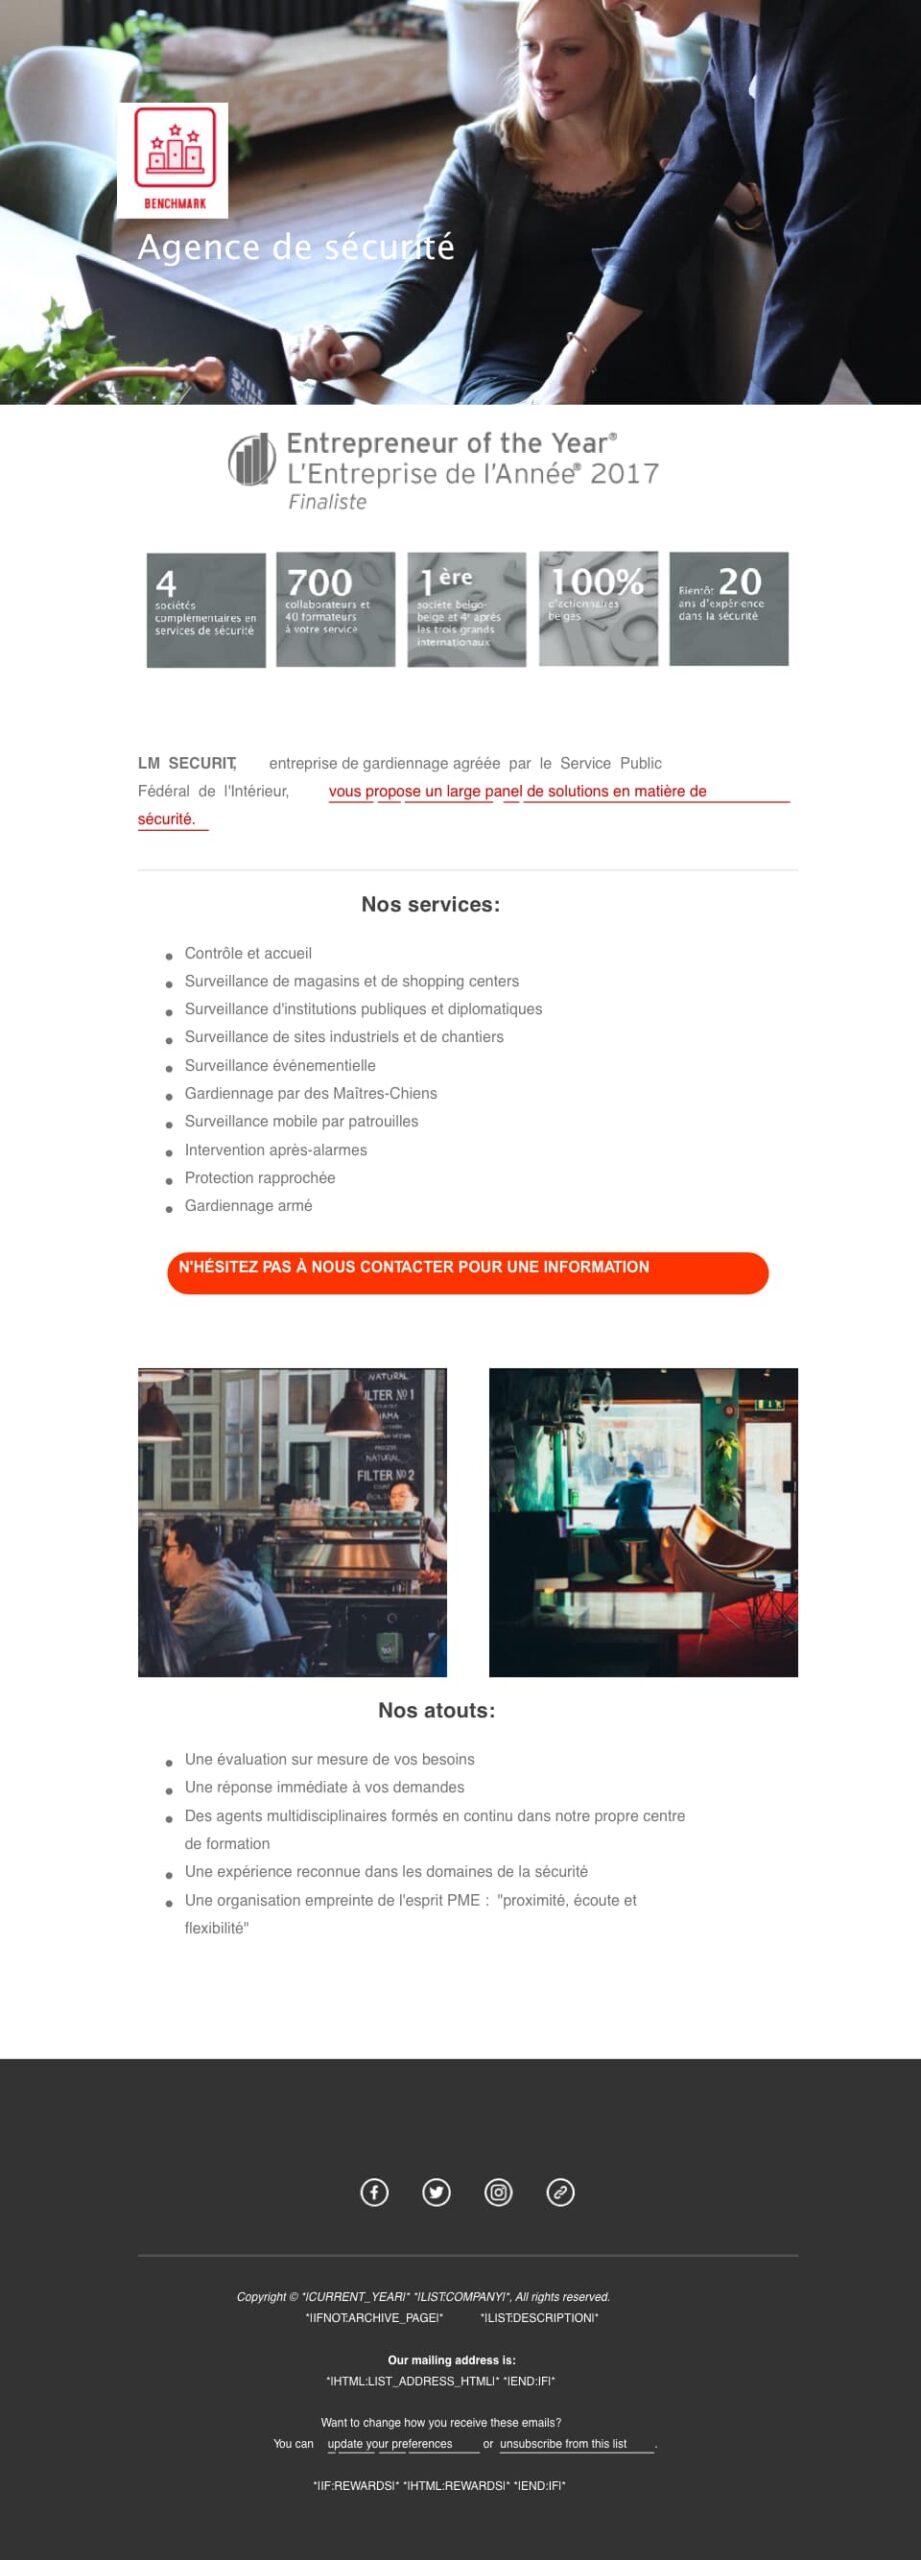 infolettre mailchimp éditable modèle 2 colonnes